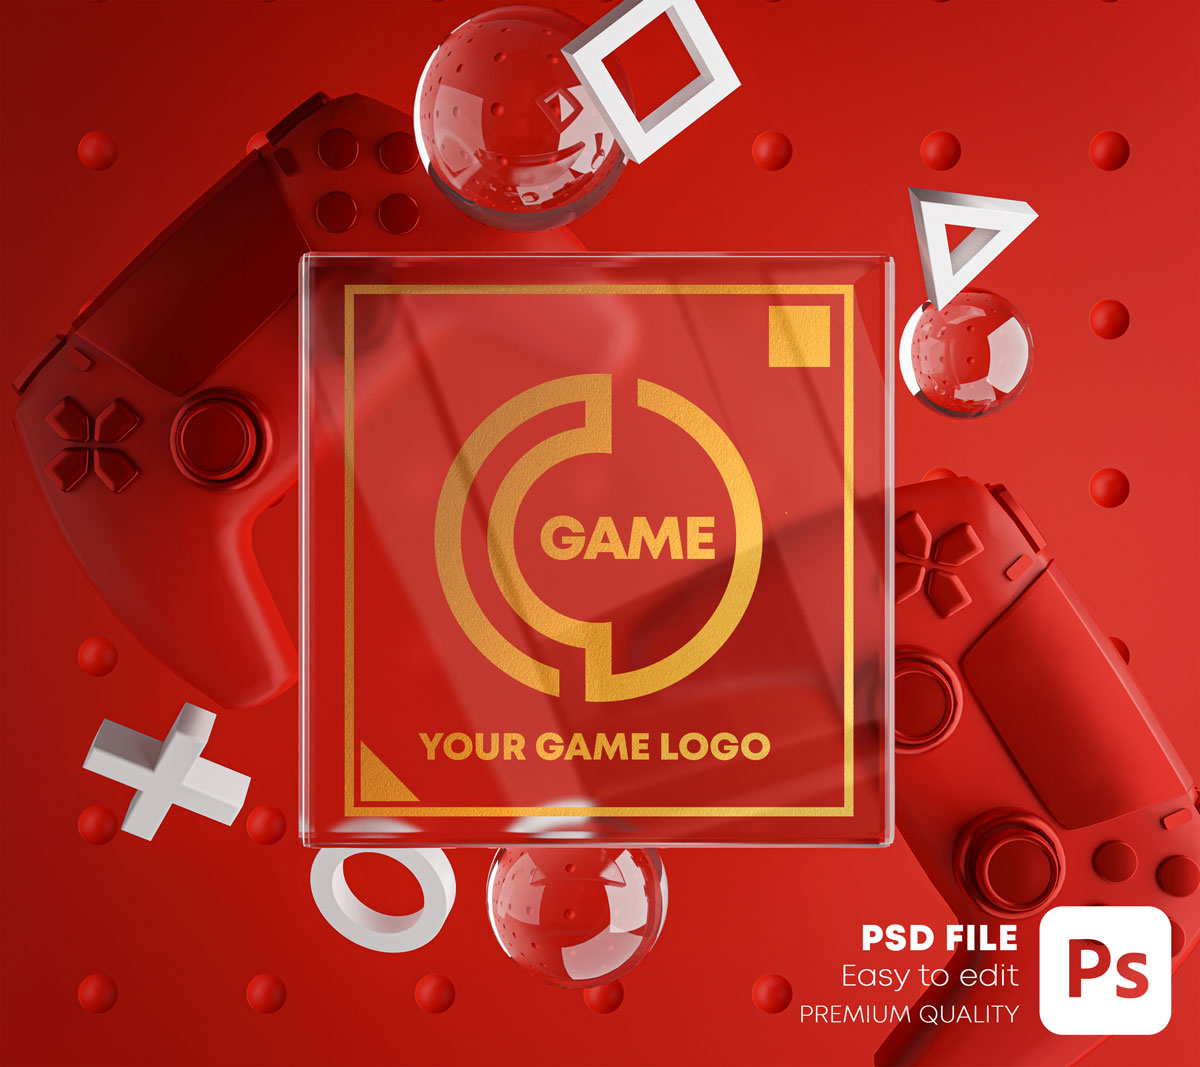 游戏场景玻璃效果徽标展示样机包 Gaming Glass Logo Mockup Gamepad Pack插图